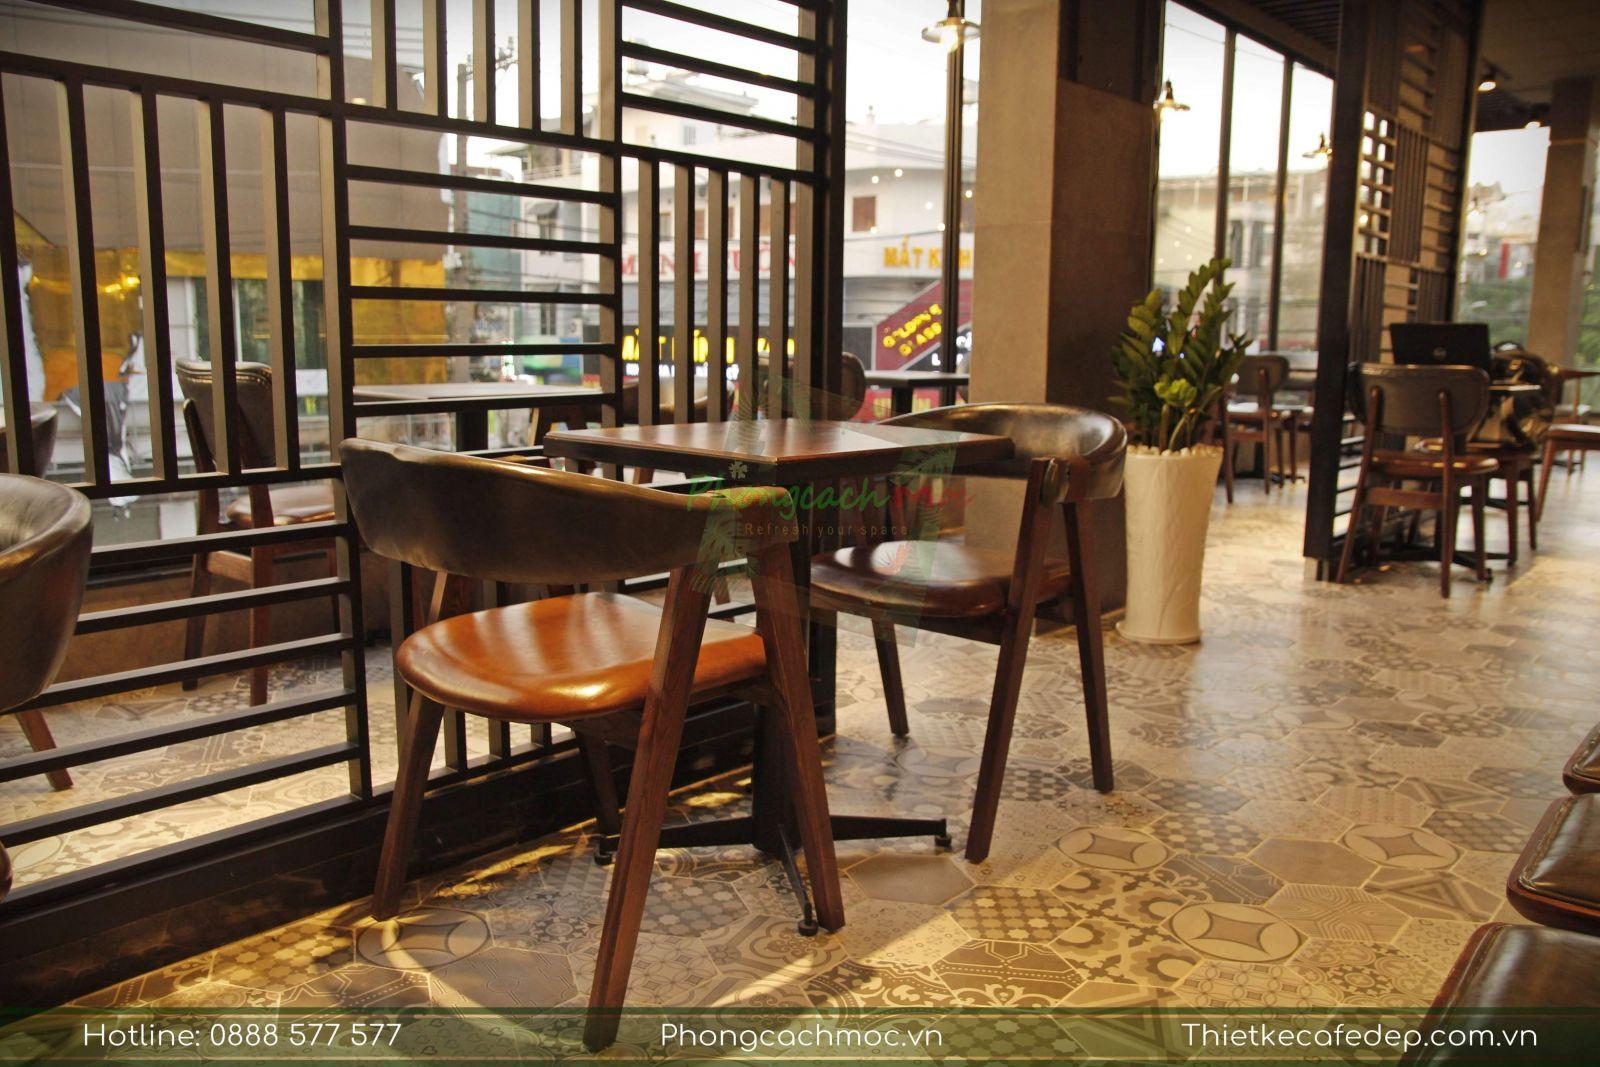 bộ bàn ghế mc157 cao cấp pcm cung cấp cho phúc long coffee